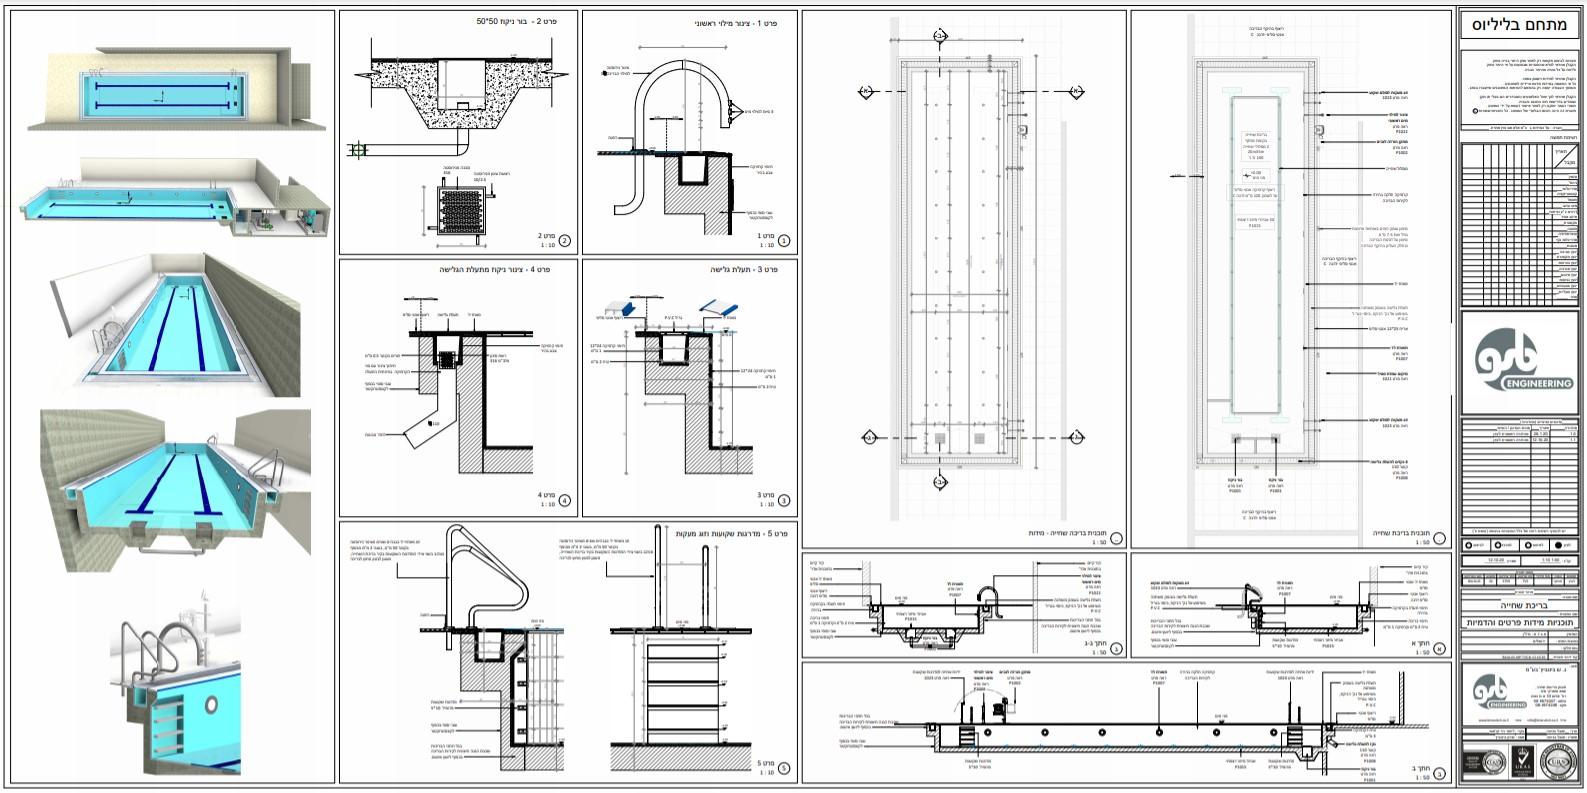 תכנון בריכה במרתף במתחם דירות - ירושלים